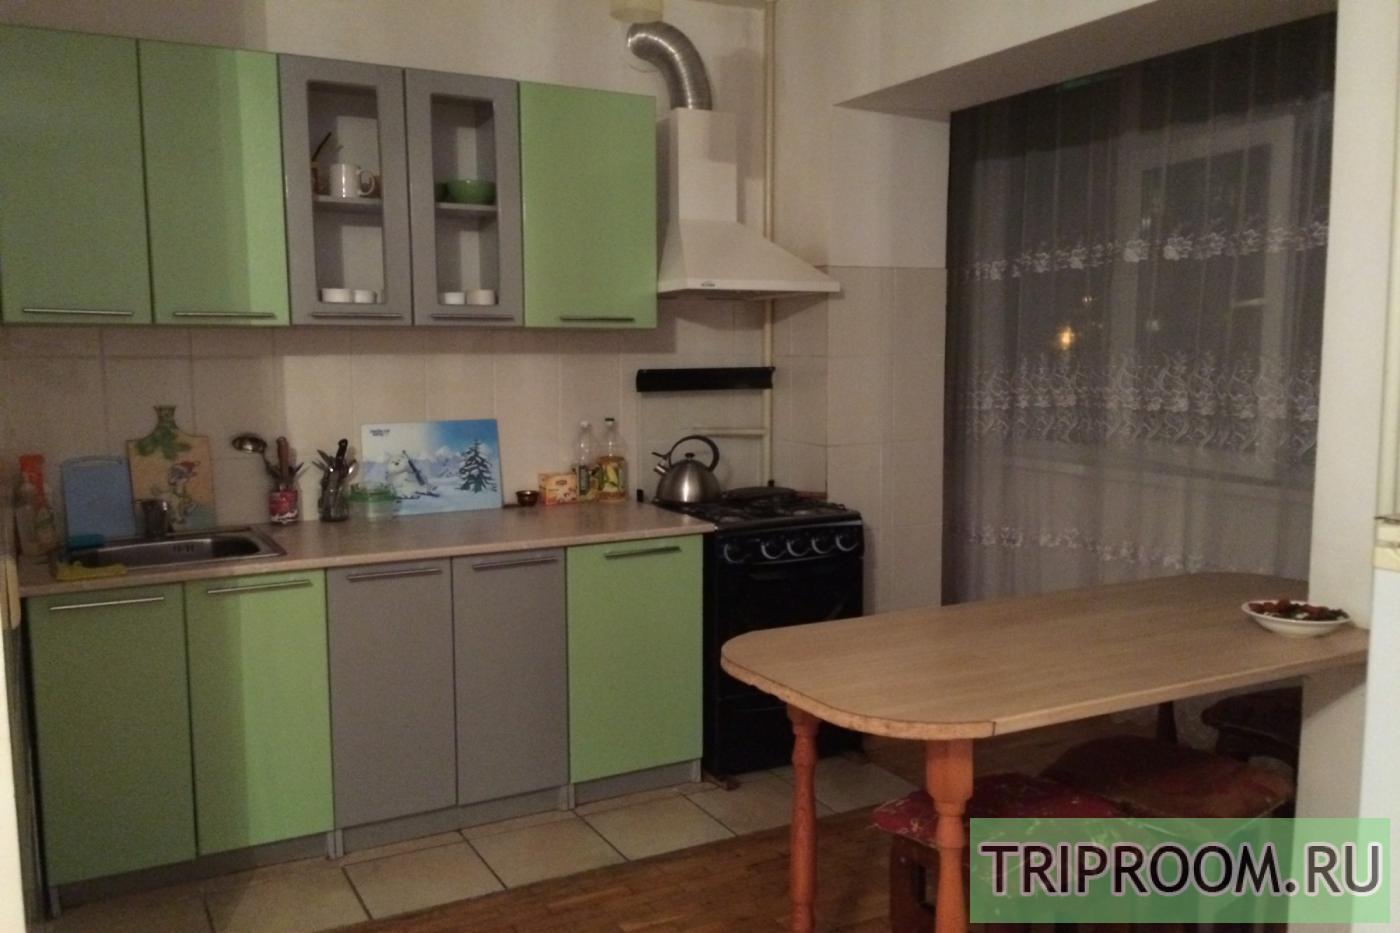 3-комнатная квартира посуточно (вариант № 23263), ул. Островского улица, фото № 5